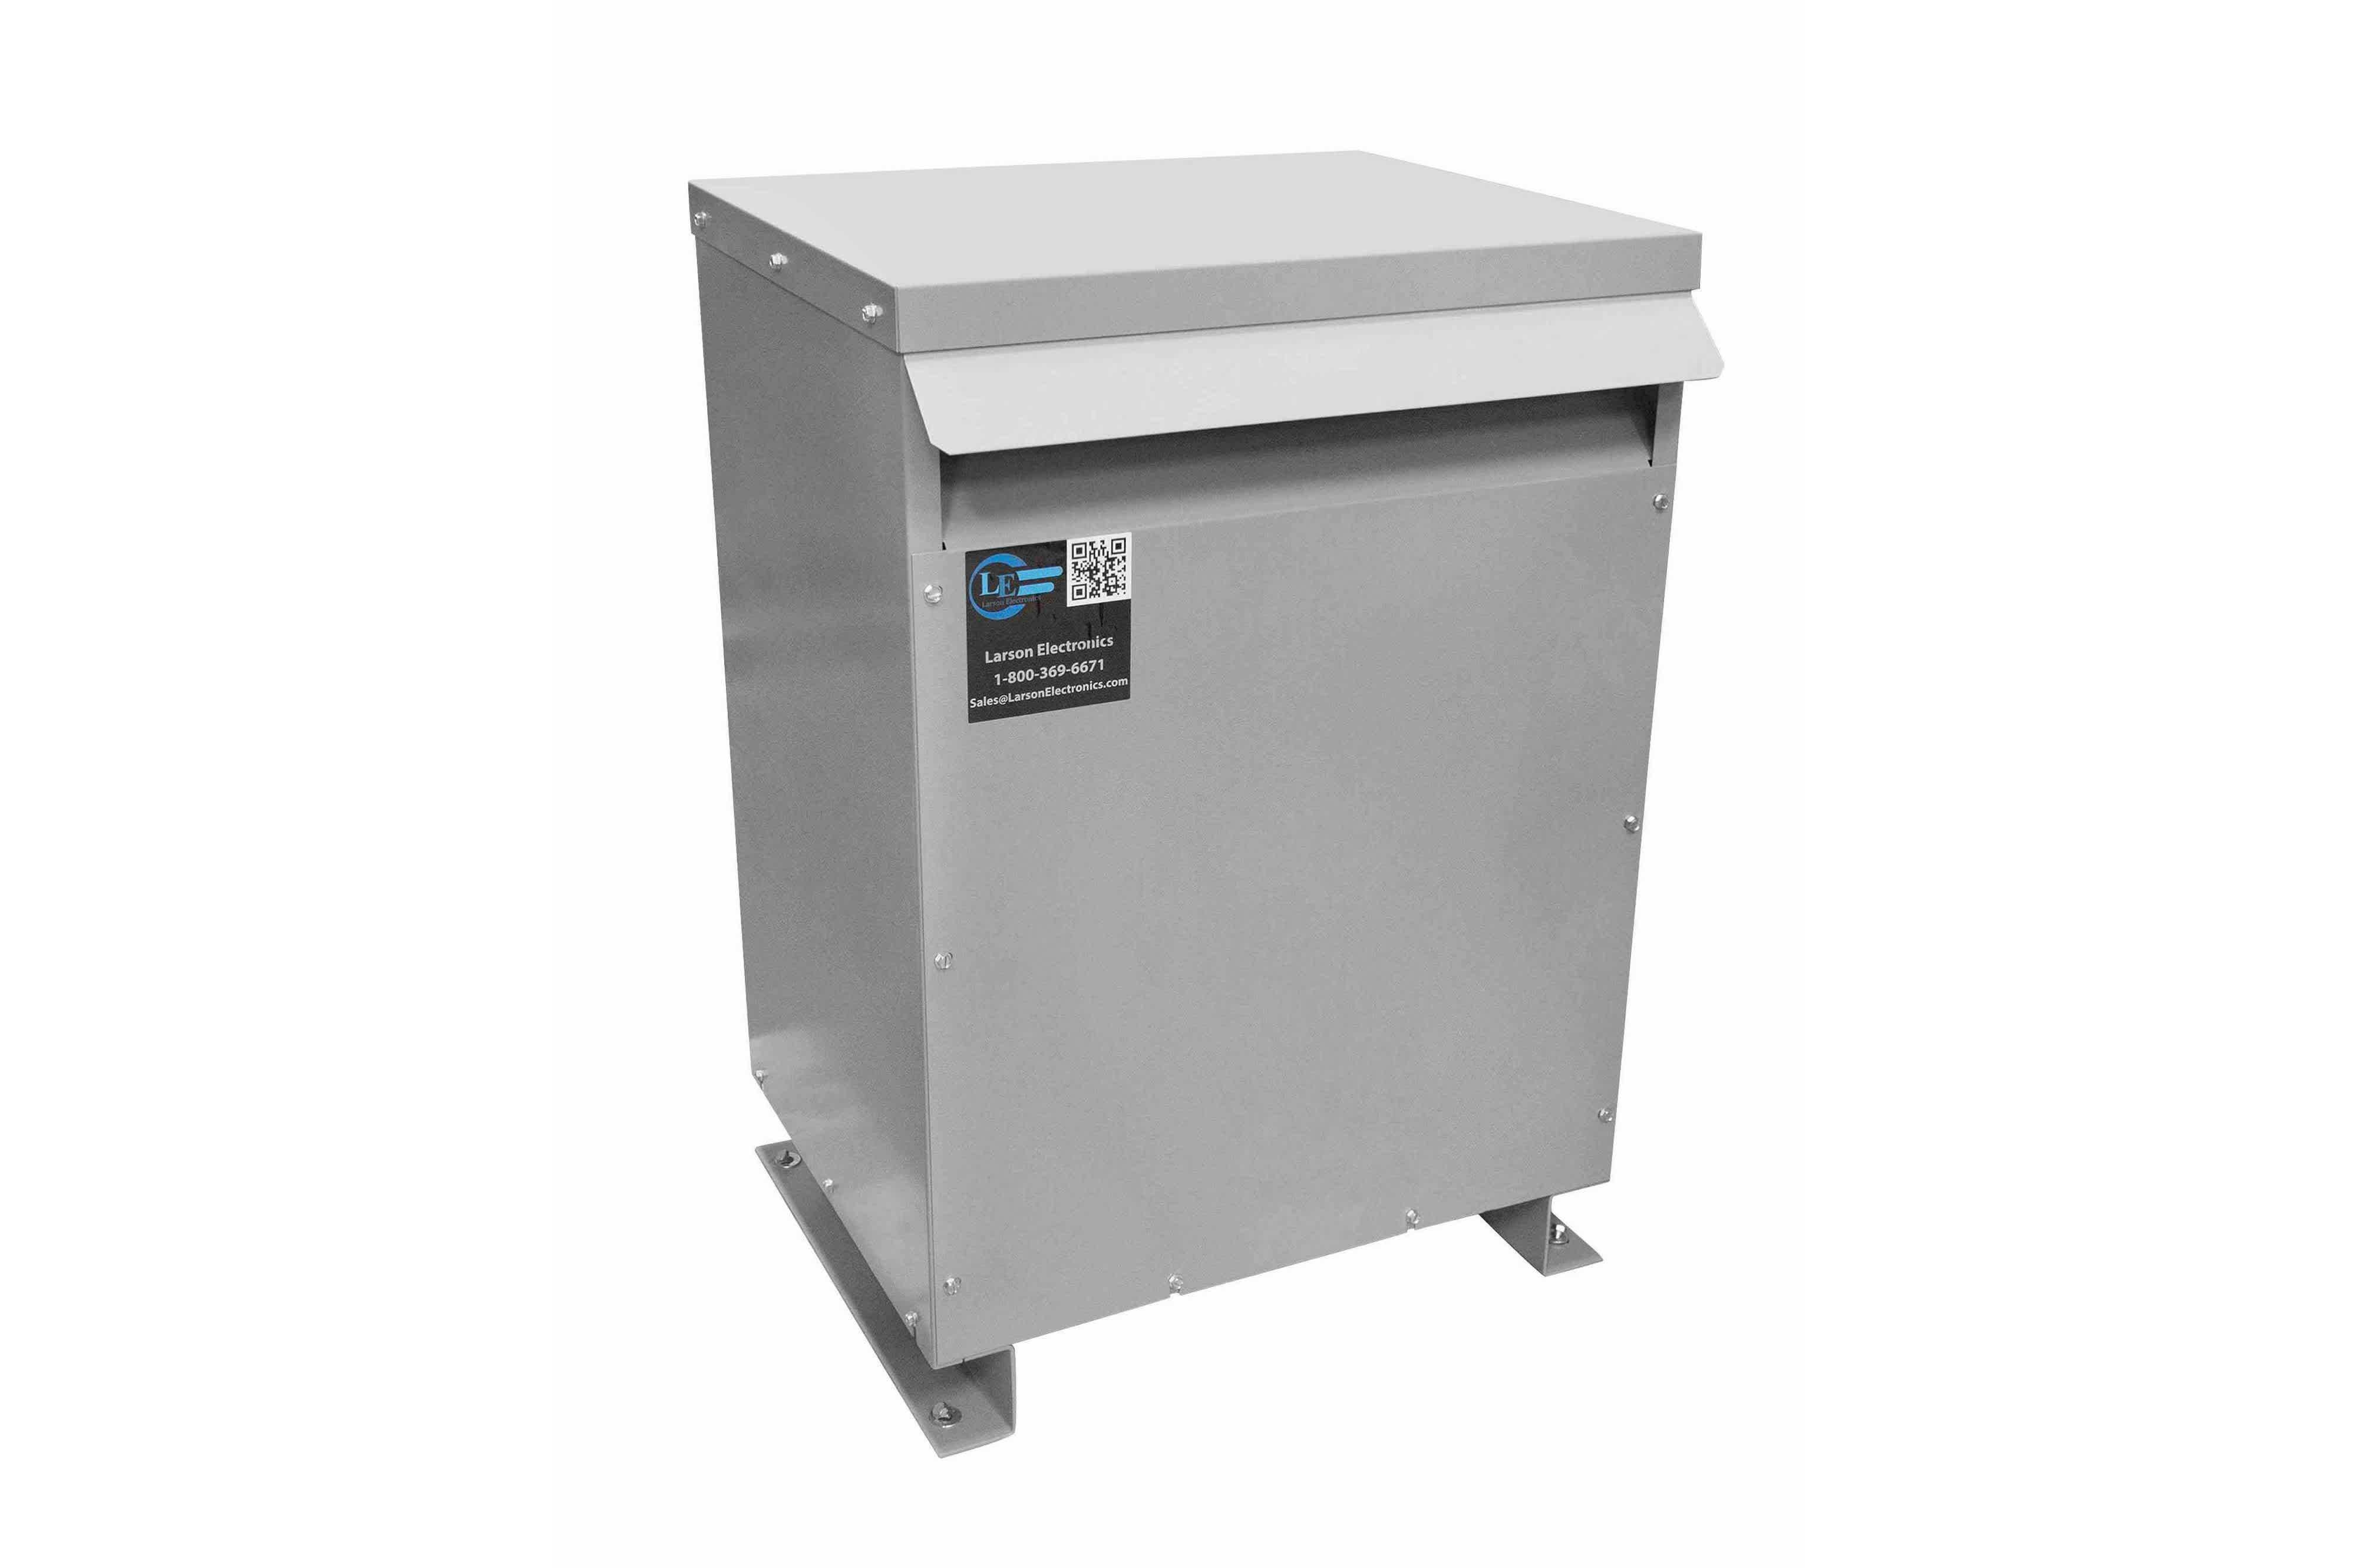 28 kVA 3PH Isolation Transformer, 460V Delta Primary, 208V Delta Secondary, N3R, Ventilated, 60 Hz